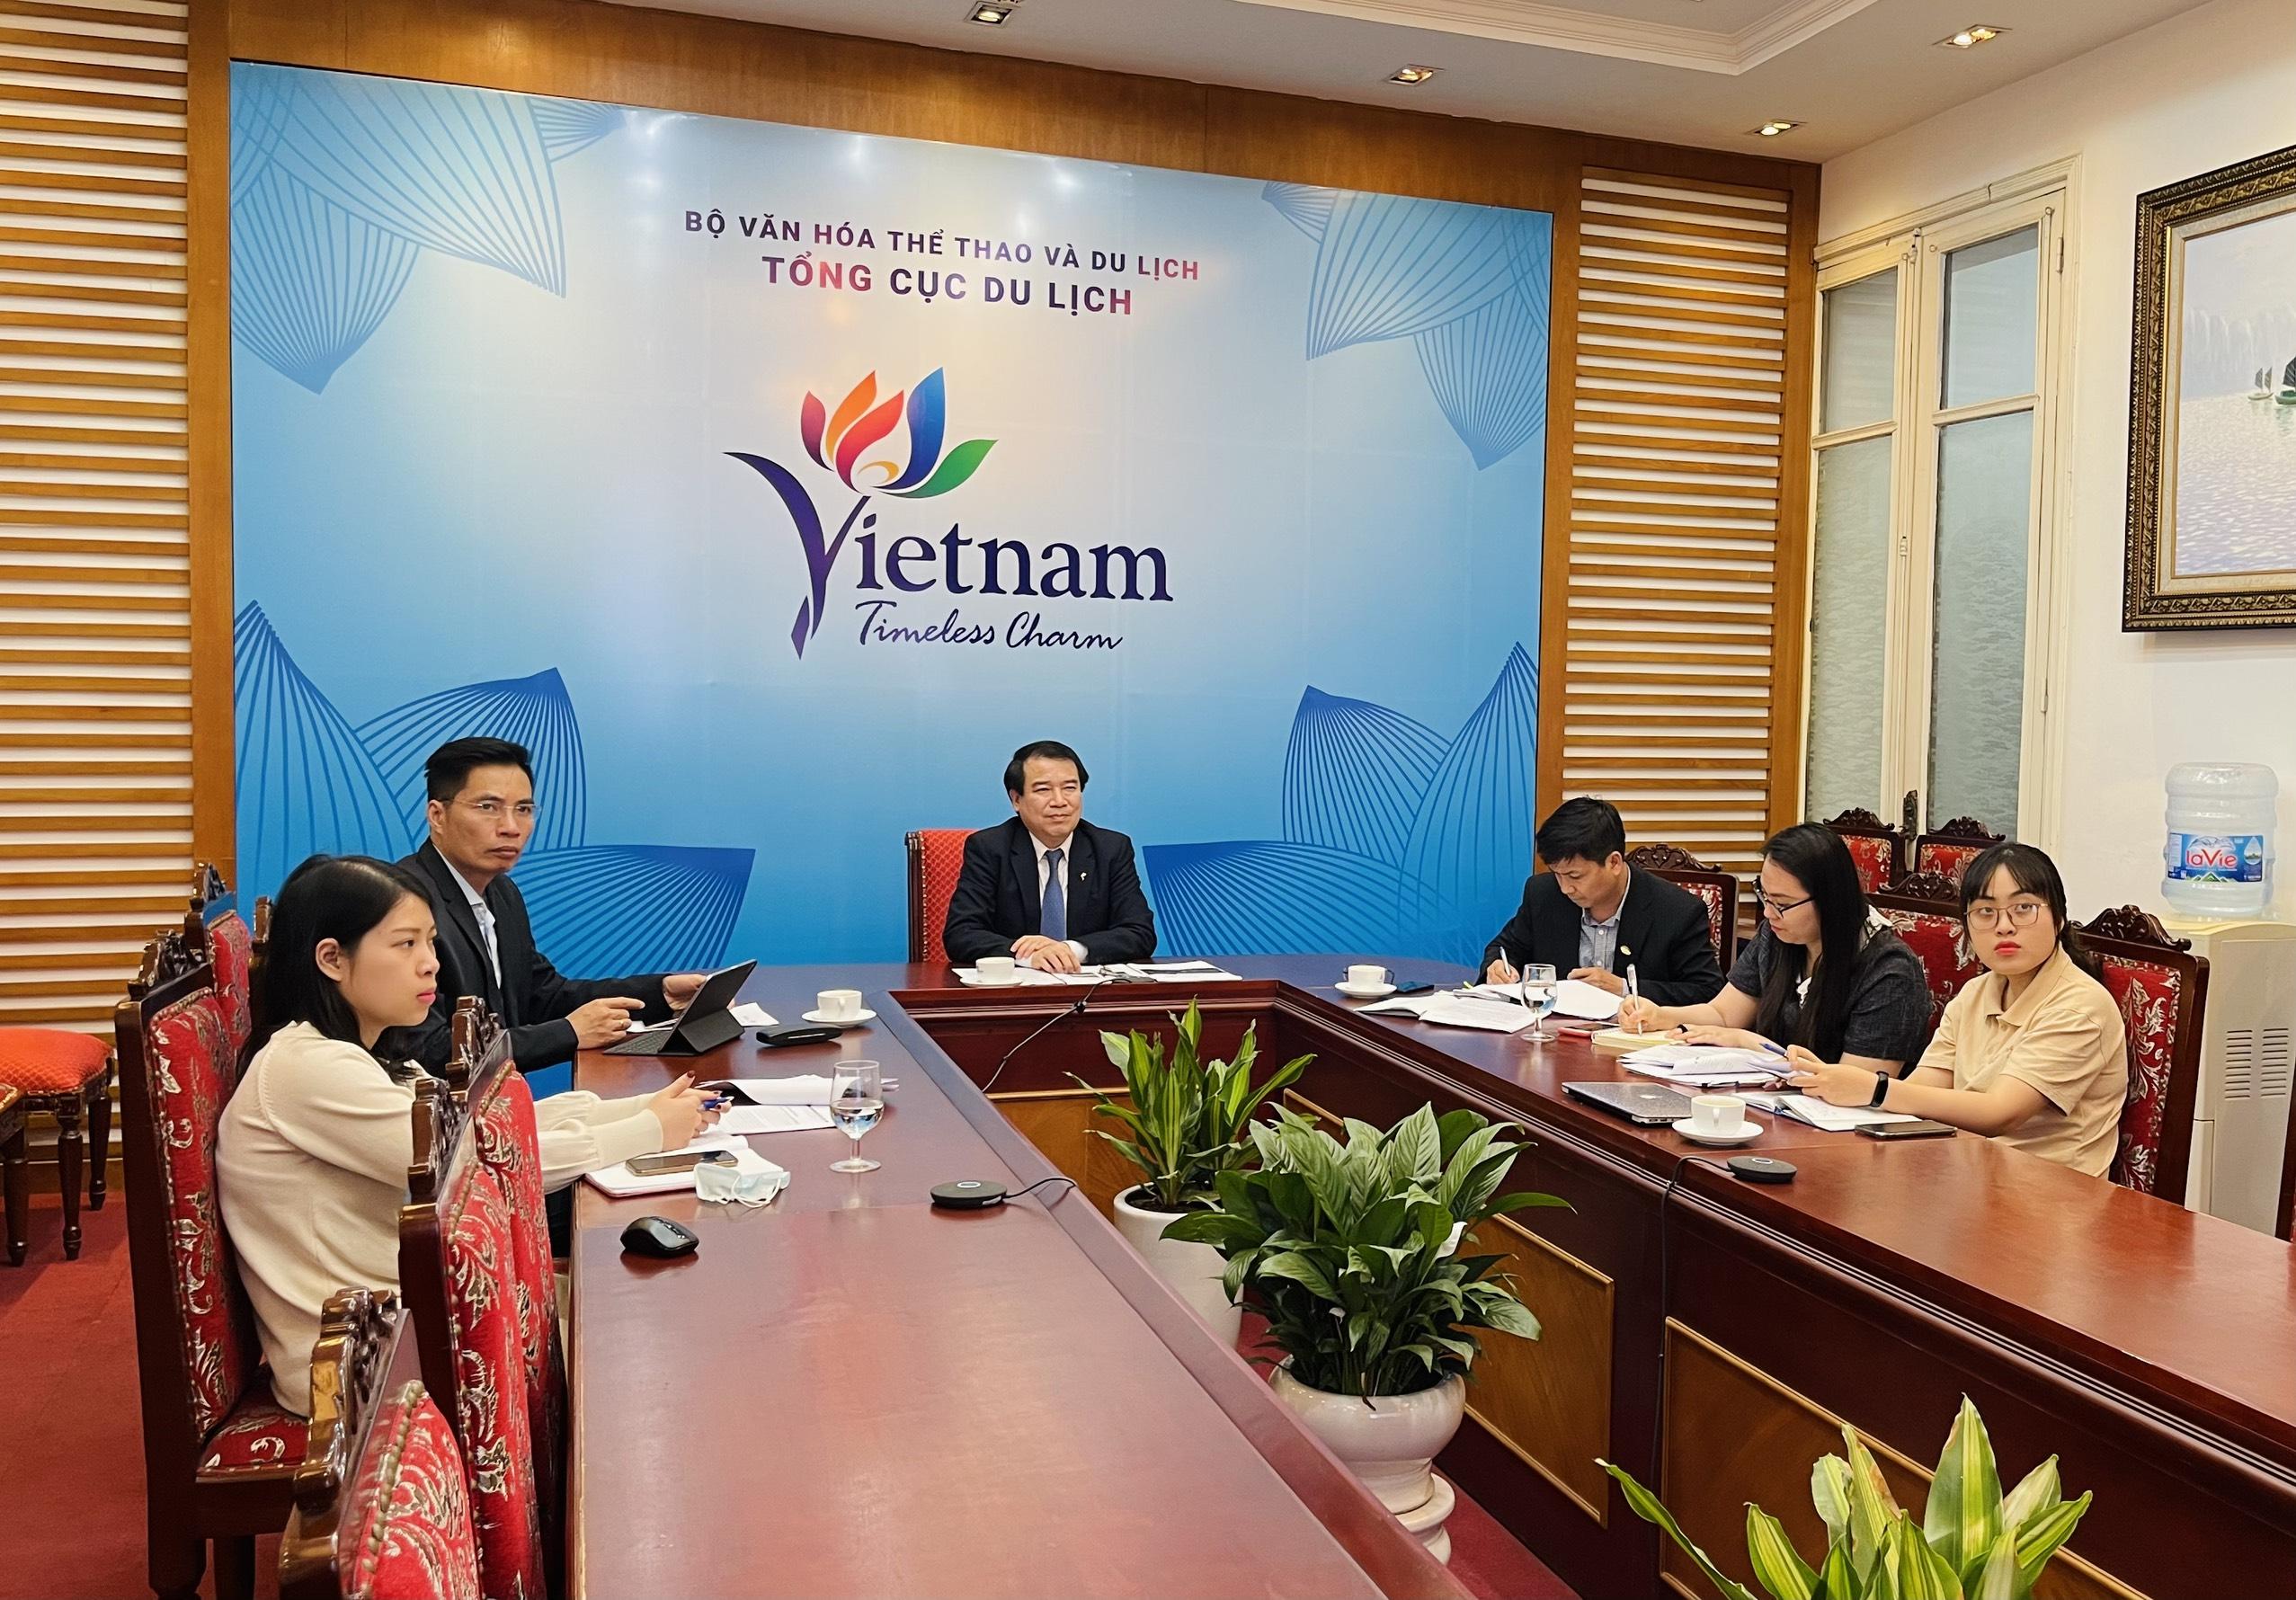 Phó Tổng cục trưởng Hà Văn Siêu làm việc với Dự án Planet Happiness